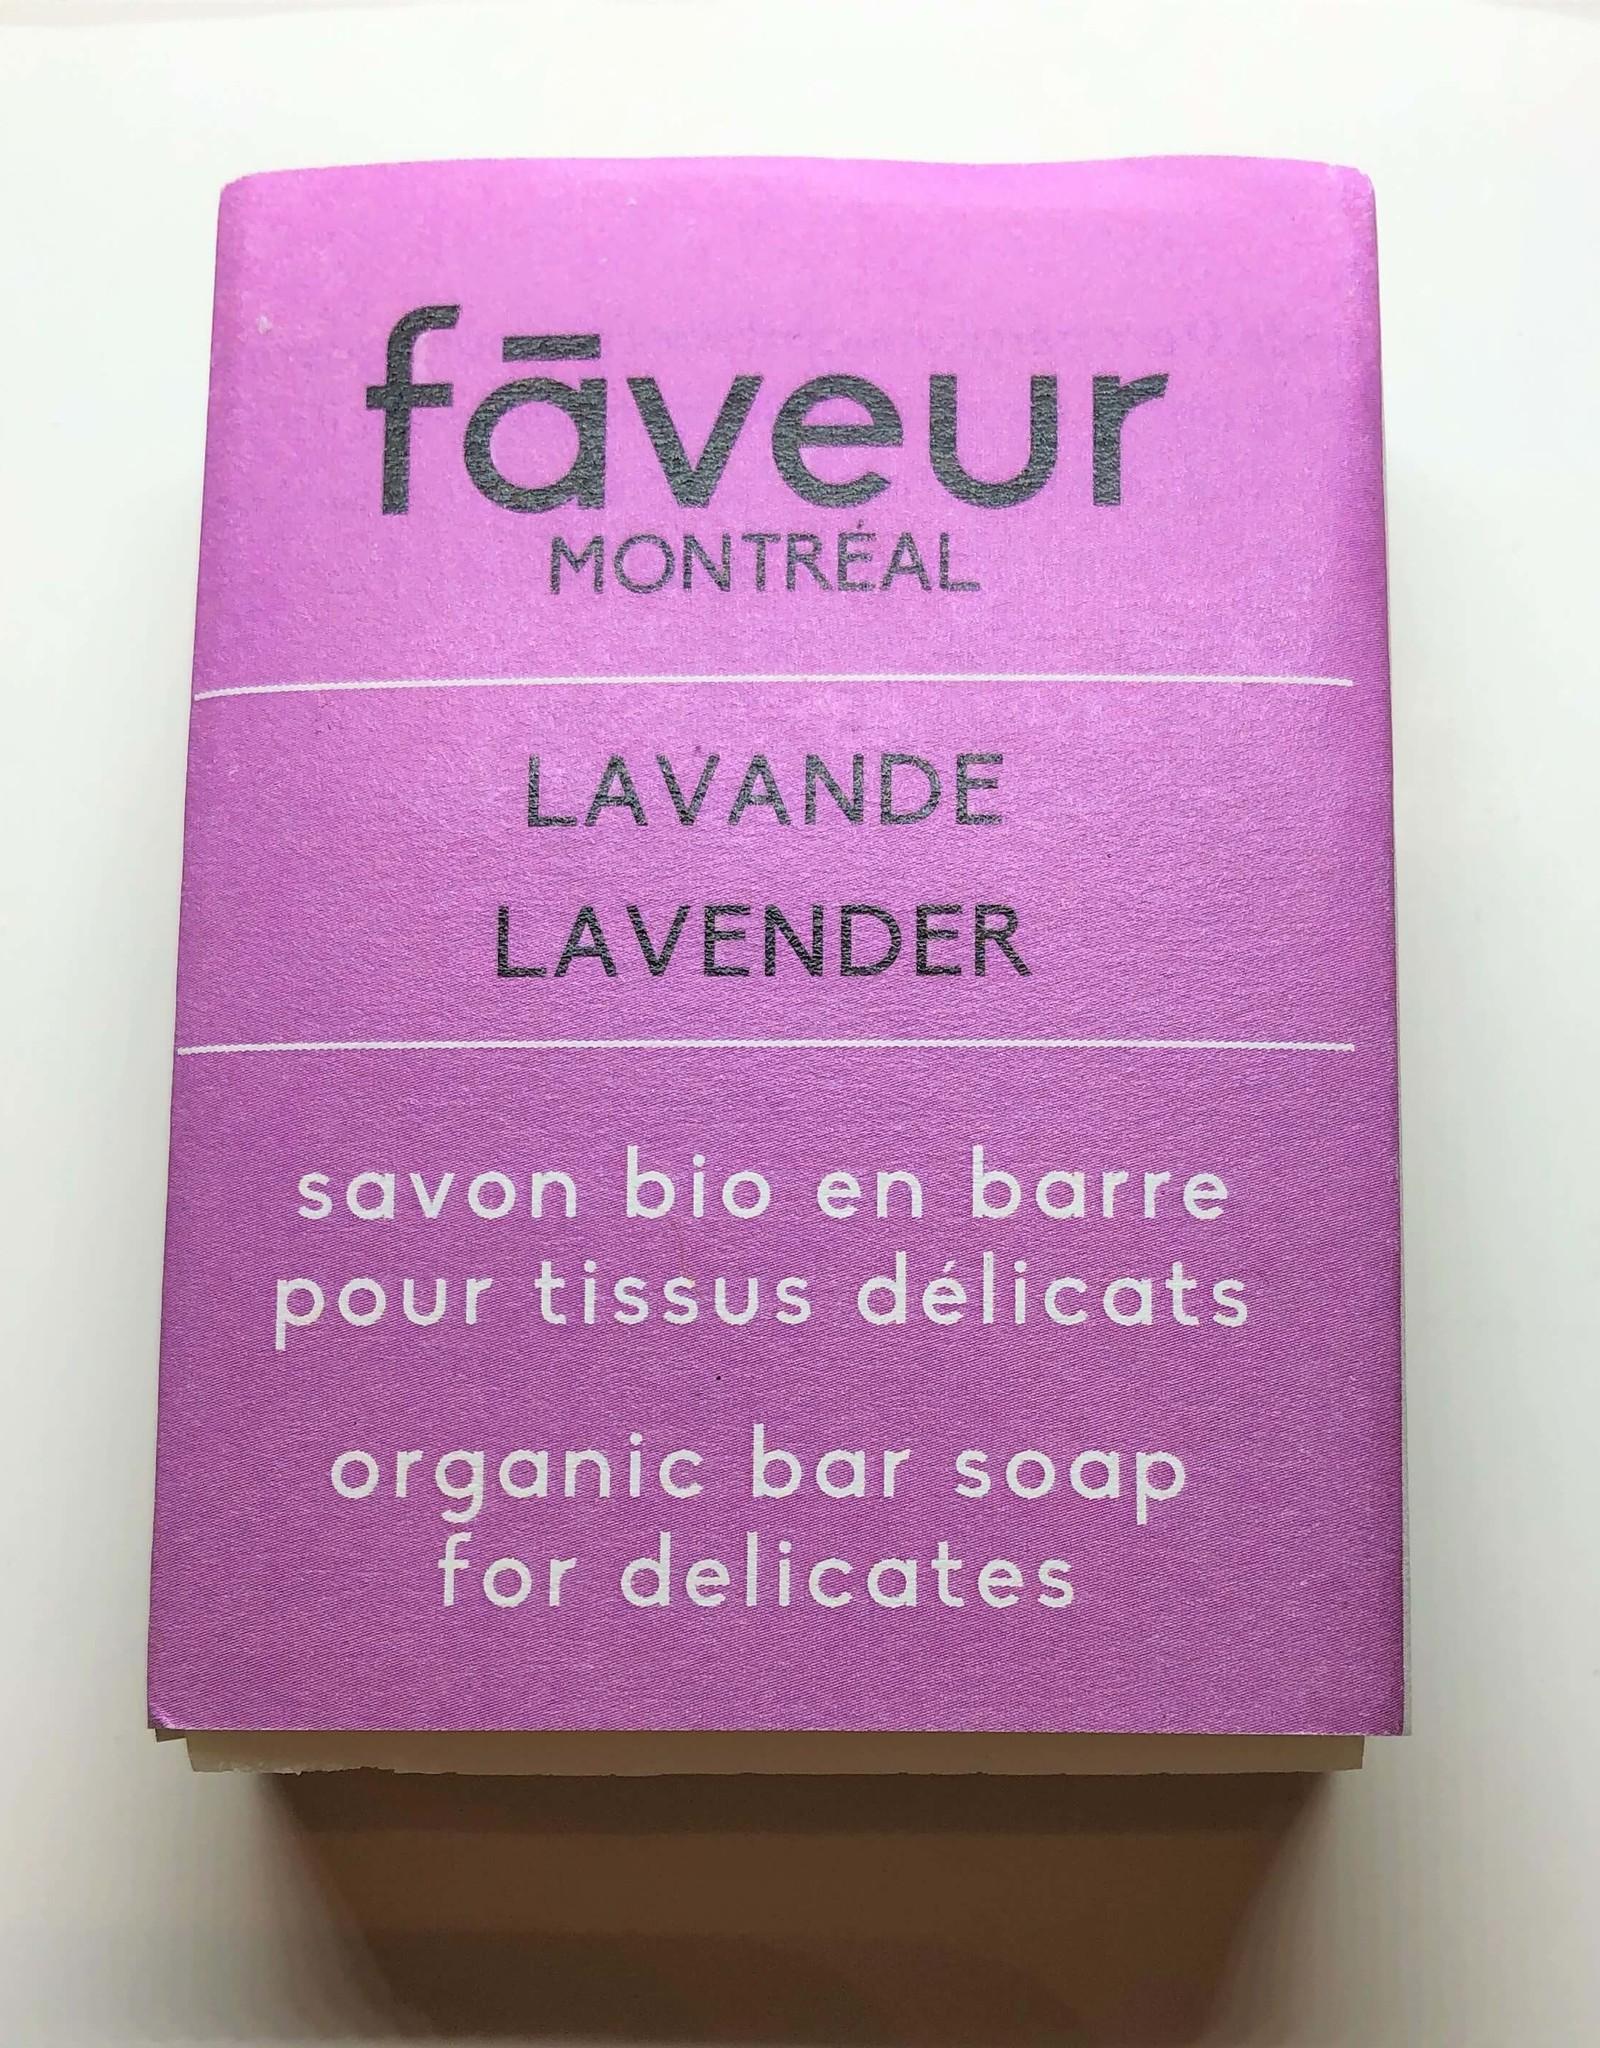 Faveur Montréal Savon en barre - lessive délicate